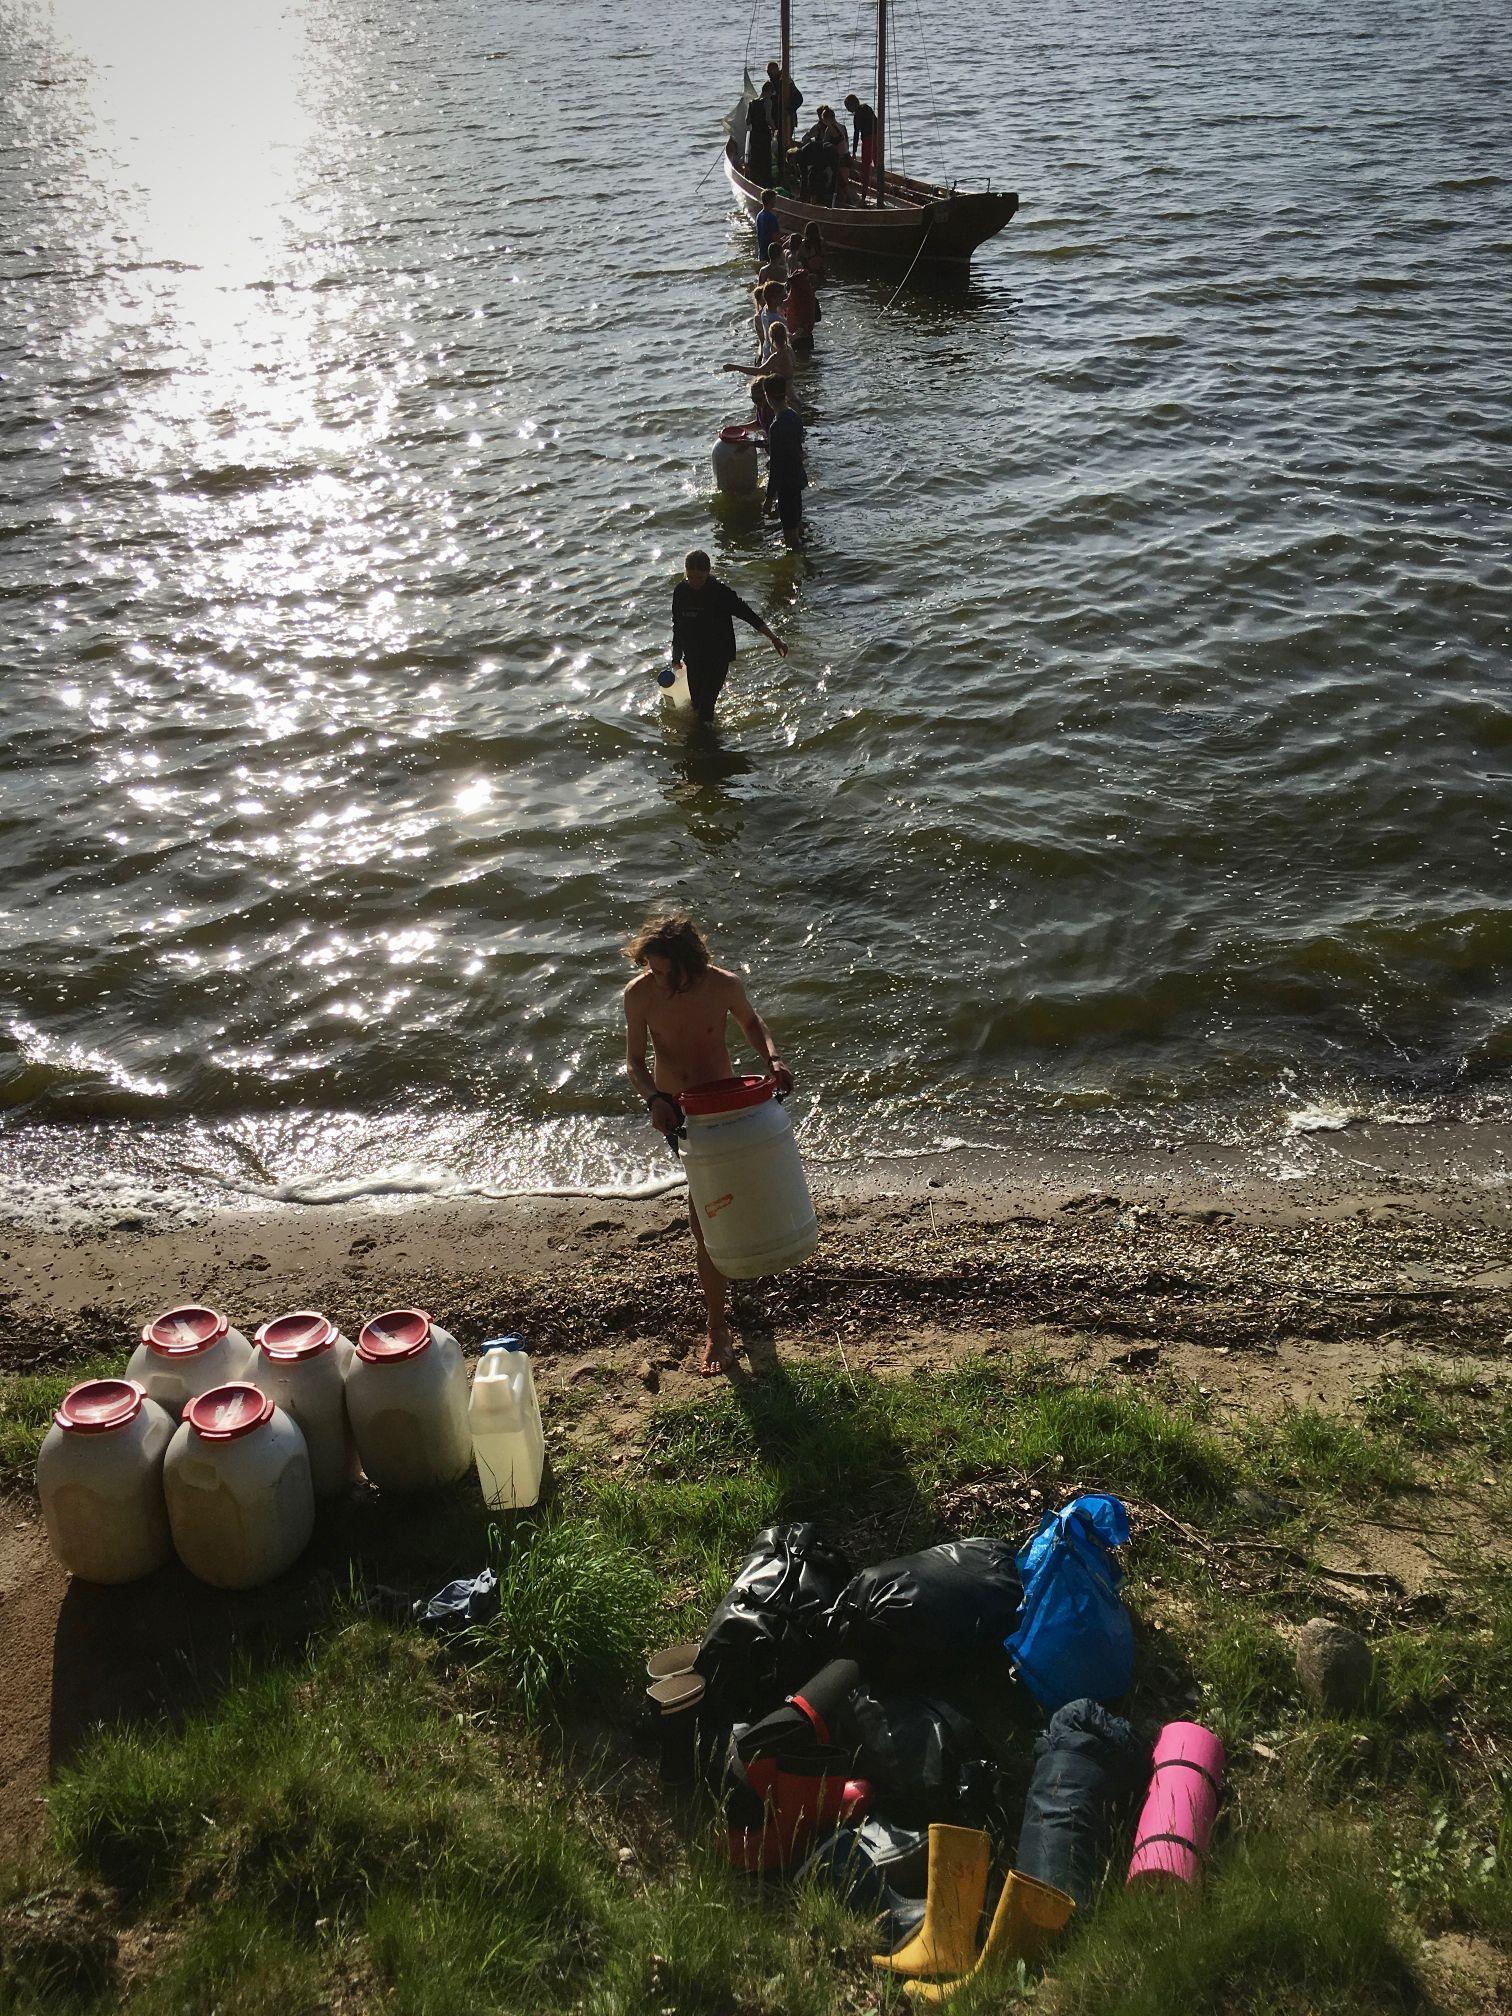 Landgang mit nassen Beinen - durch das Wasser ans Ufer